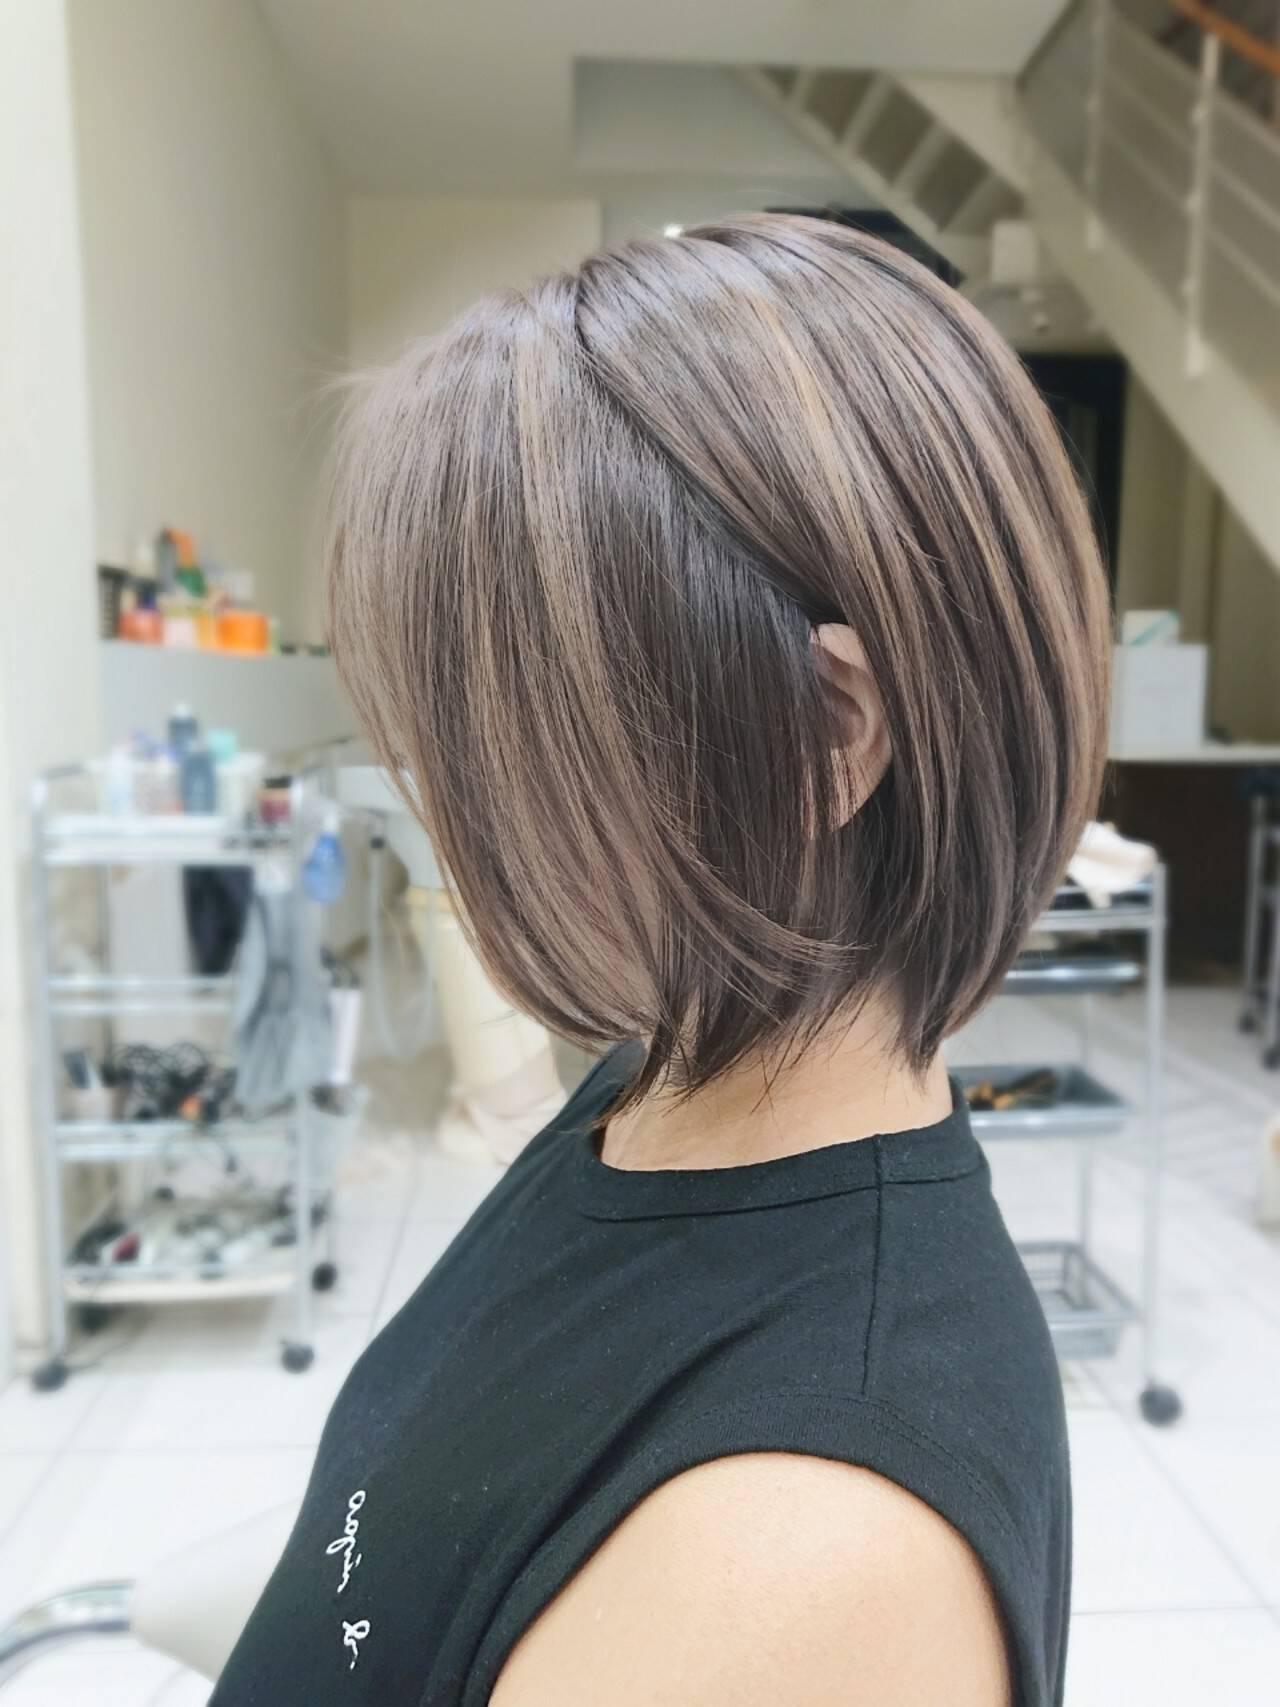 レイヤーボブ シルバーアッシュ ナチュラル ショートヘアスタイルや髪型の写真・画像